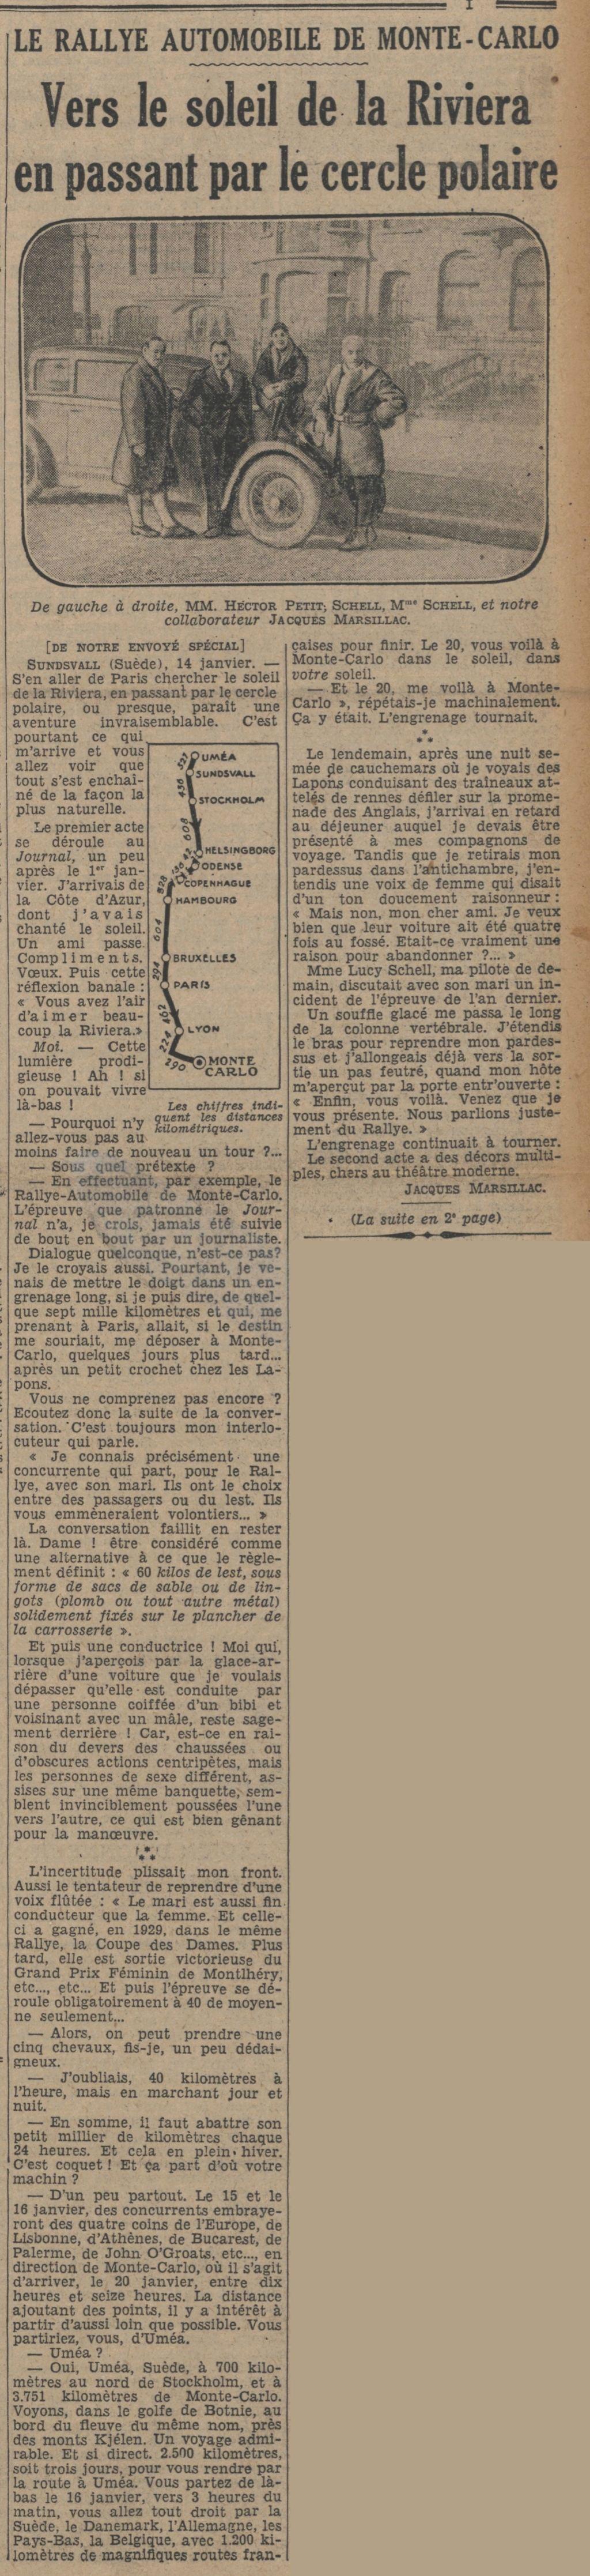 Un pilote Licorne : HECTOR PETIT - Page 2 Le_jou80